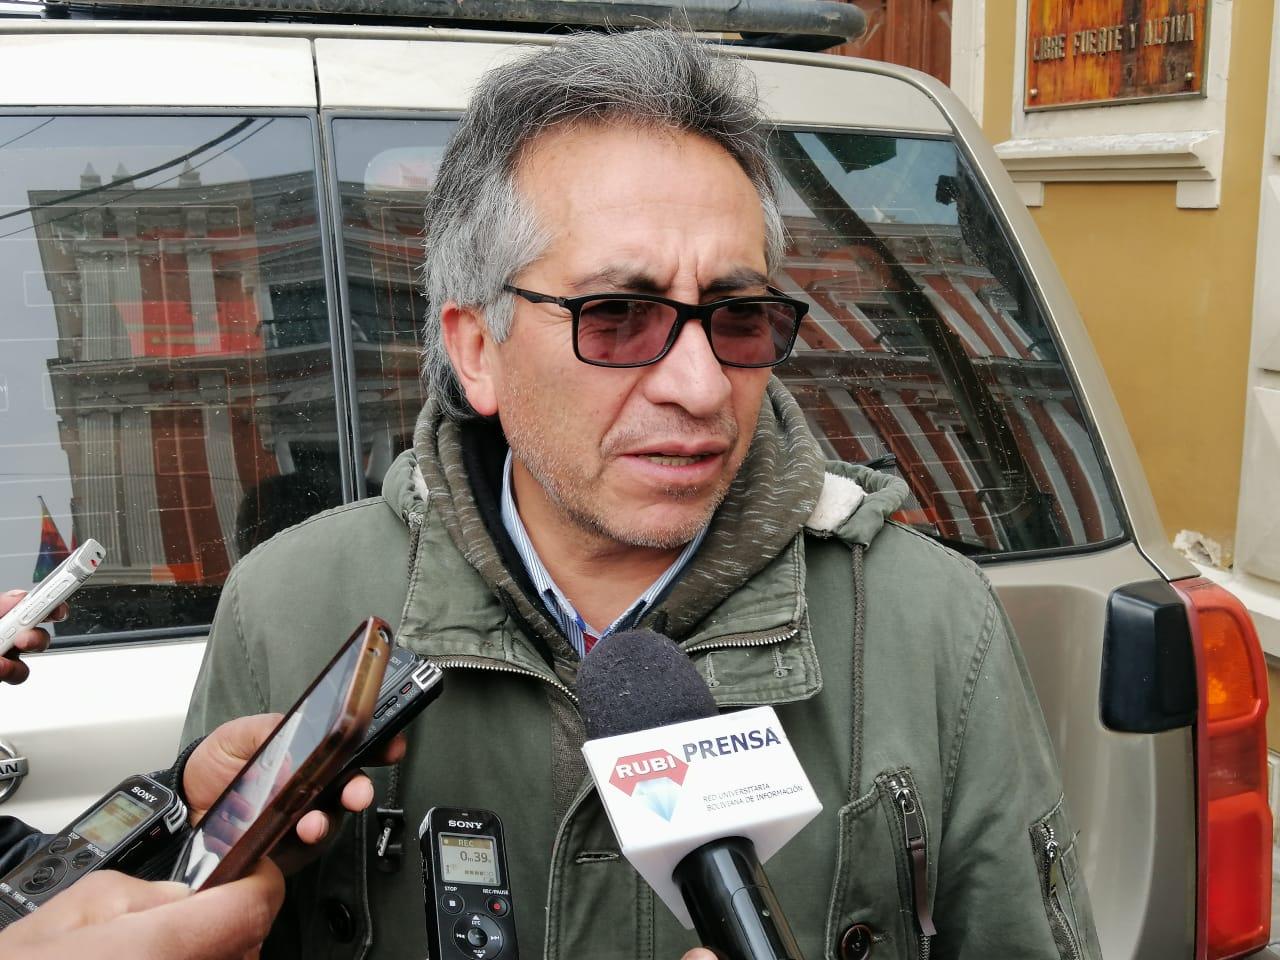 Asamblea de La Paz iniciará proceso legal contra Percy Fernández por realizar declaraciones discriminatorias